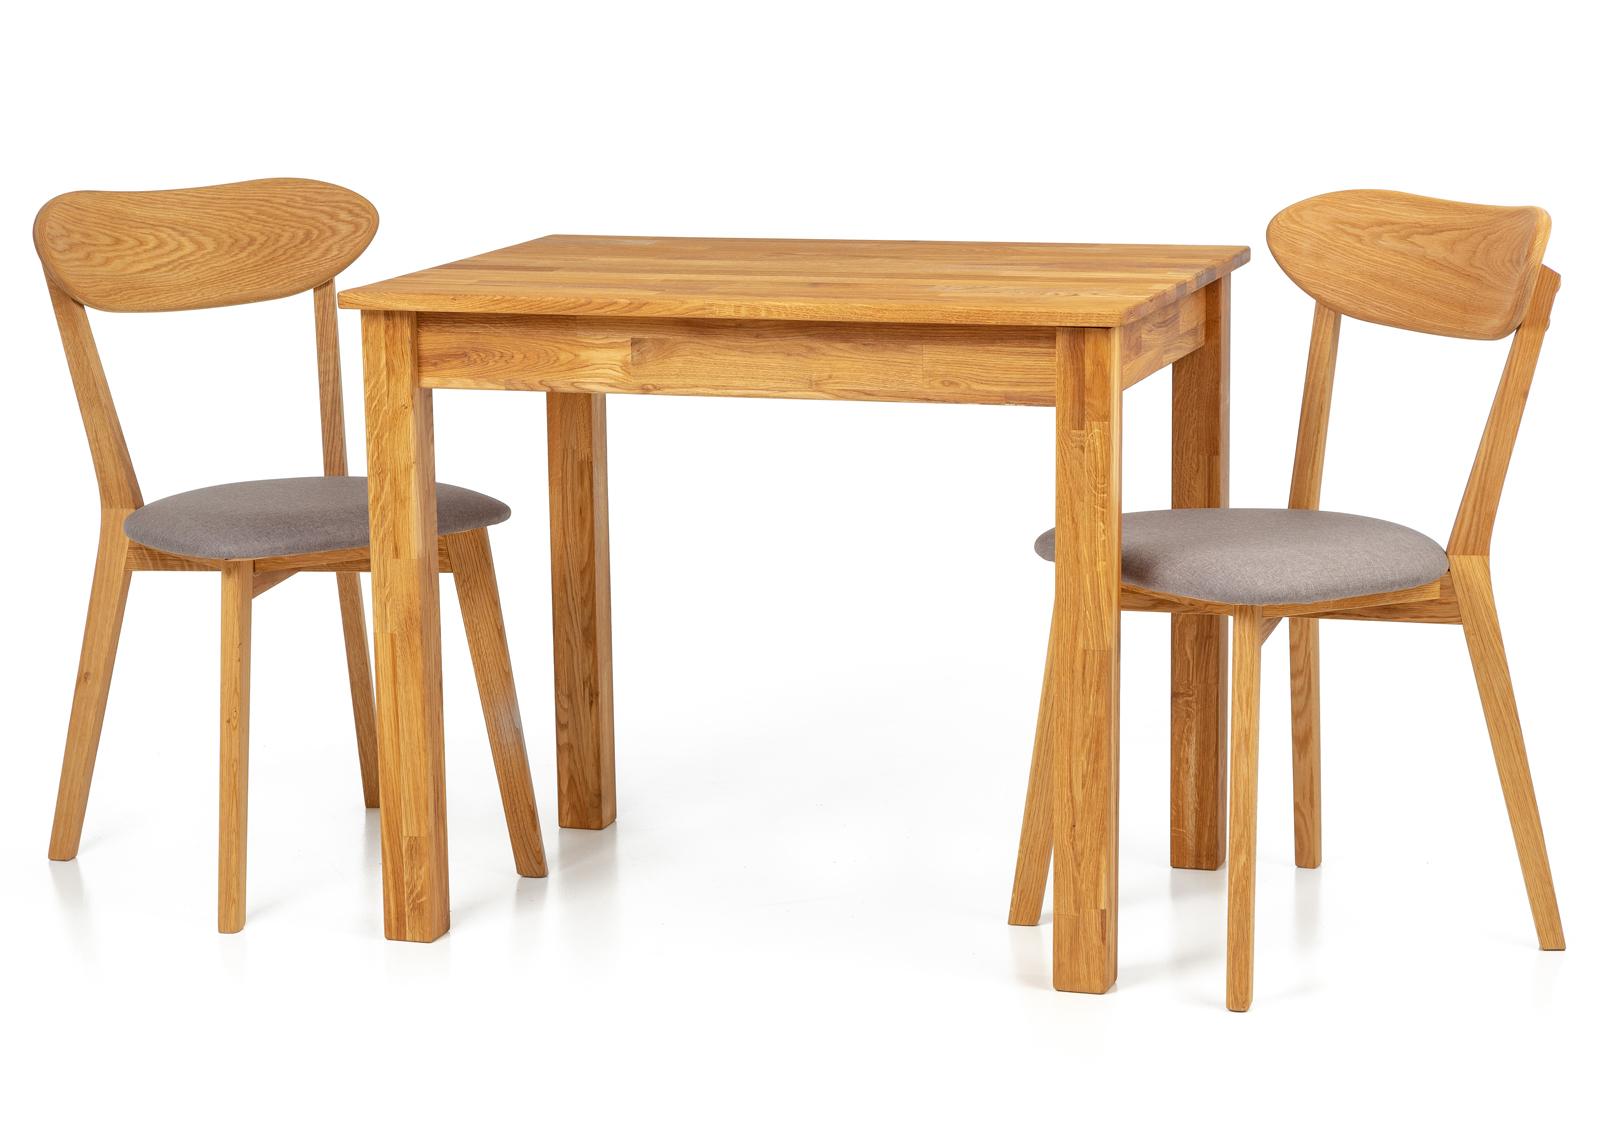 Tammi ruokapöytä Len22 90x65 cm + 2 tuolia Irma harmaa